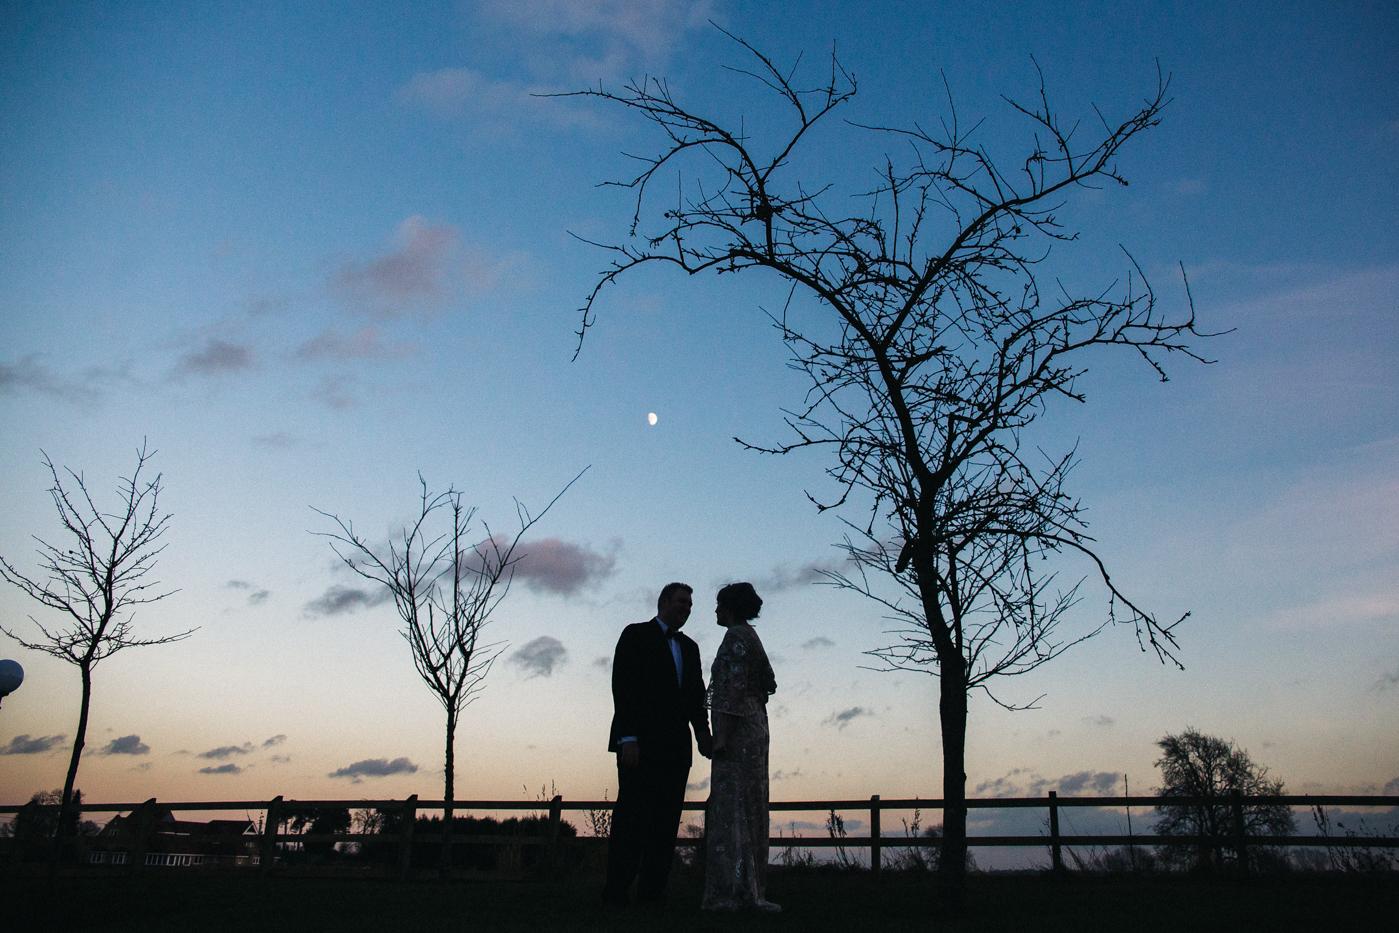 derby-derbyshire-wedding-photographer-creative-white-hart-inn-wedding-0011.jpg